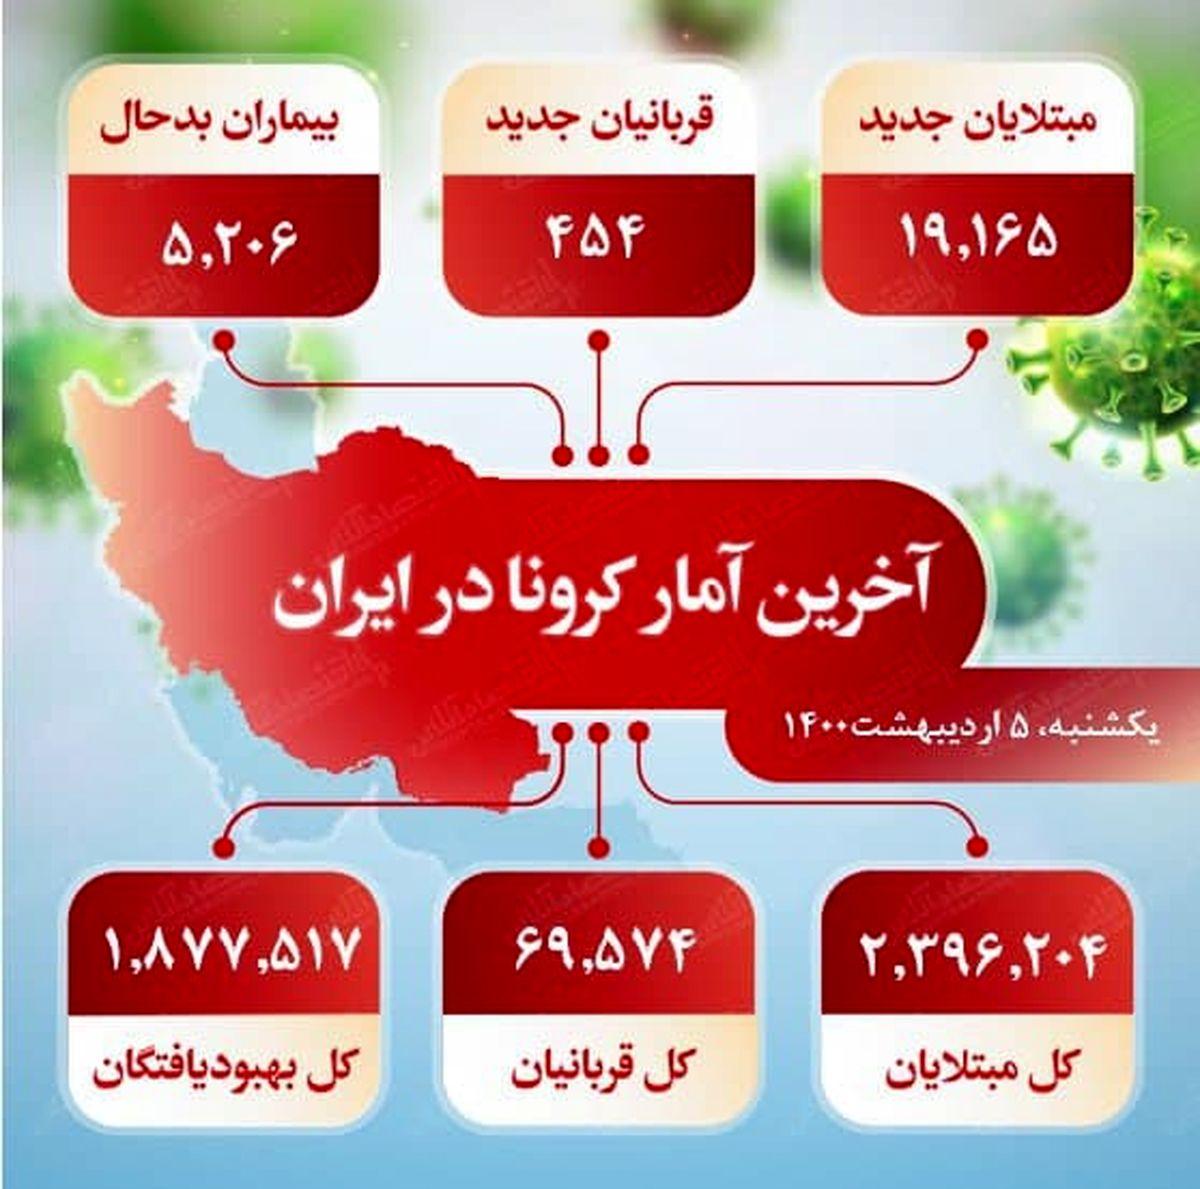 آخرین آمار کرونا در ایران (۱۴۰۰/۲/۵)